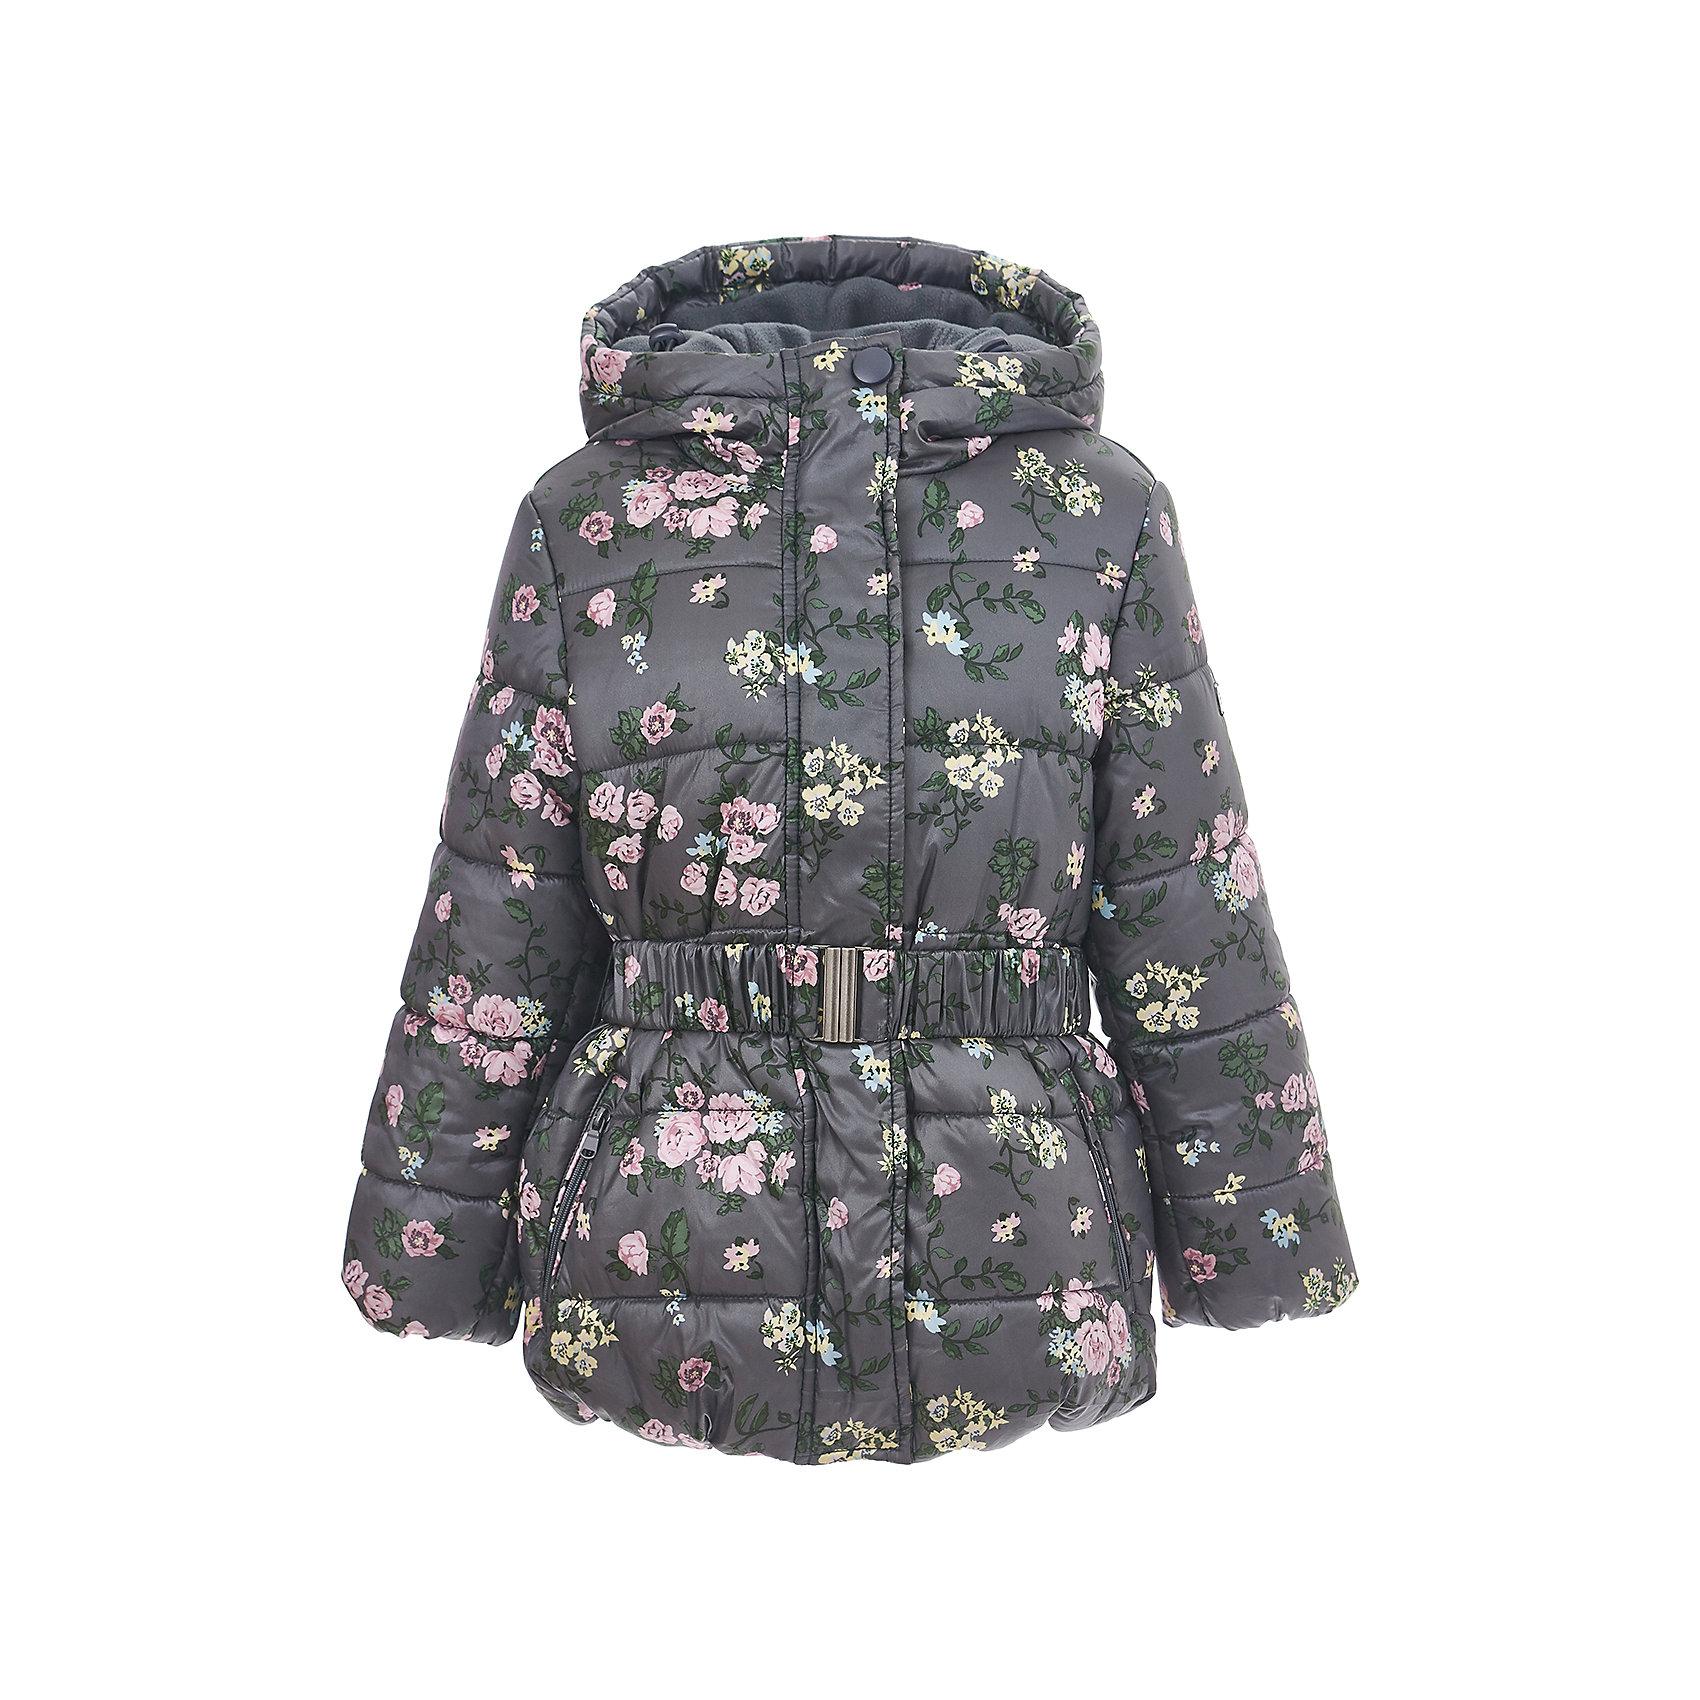 Куртка Button Blue для девочкиВерхняя одежда<br>Куртка BUTTON BLUE для девочки<br>Стильное зимнее пальто для девочек - залог хорошего настроения в морозный день! Классное детское пальто по оптимальной цене принесет удовольствие от покупки! К тому же, недорогое пальто - не значит скучное! Необычная плащевка с цветочным рисунком, модный силуэт, детали обеспечивают пальто прекрасный внешний вид! Если Вы хотите купить зимнее пальто и не сомневаться в его качестве и комфорте, детское пальто от Button Blue - самый лучший вариант!<br>Состав:<br>тк. верха:  55%полиэстер 45% нейлон Подкладка: 100% полиэстер (флис)/100% полиэстер                                                                      Утеплитель: 100% полиэстер(fake down)<br><br>Ширина мм: 356<br>Глубина мм: 10<br>Высота мм: 245<br>Вес г: 519<br>Цвет: темно-серый<br>Возраст от месяцев: 60<br>Возраст до месяцев: 72<br>Пол: Женский<br>Возраст: Детский<br>Размер: 116,122,128,134,140,146,152,158,98,104,110<br>SKU: 7037969